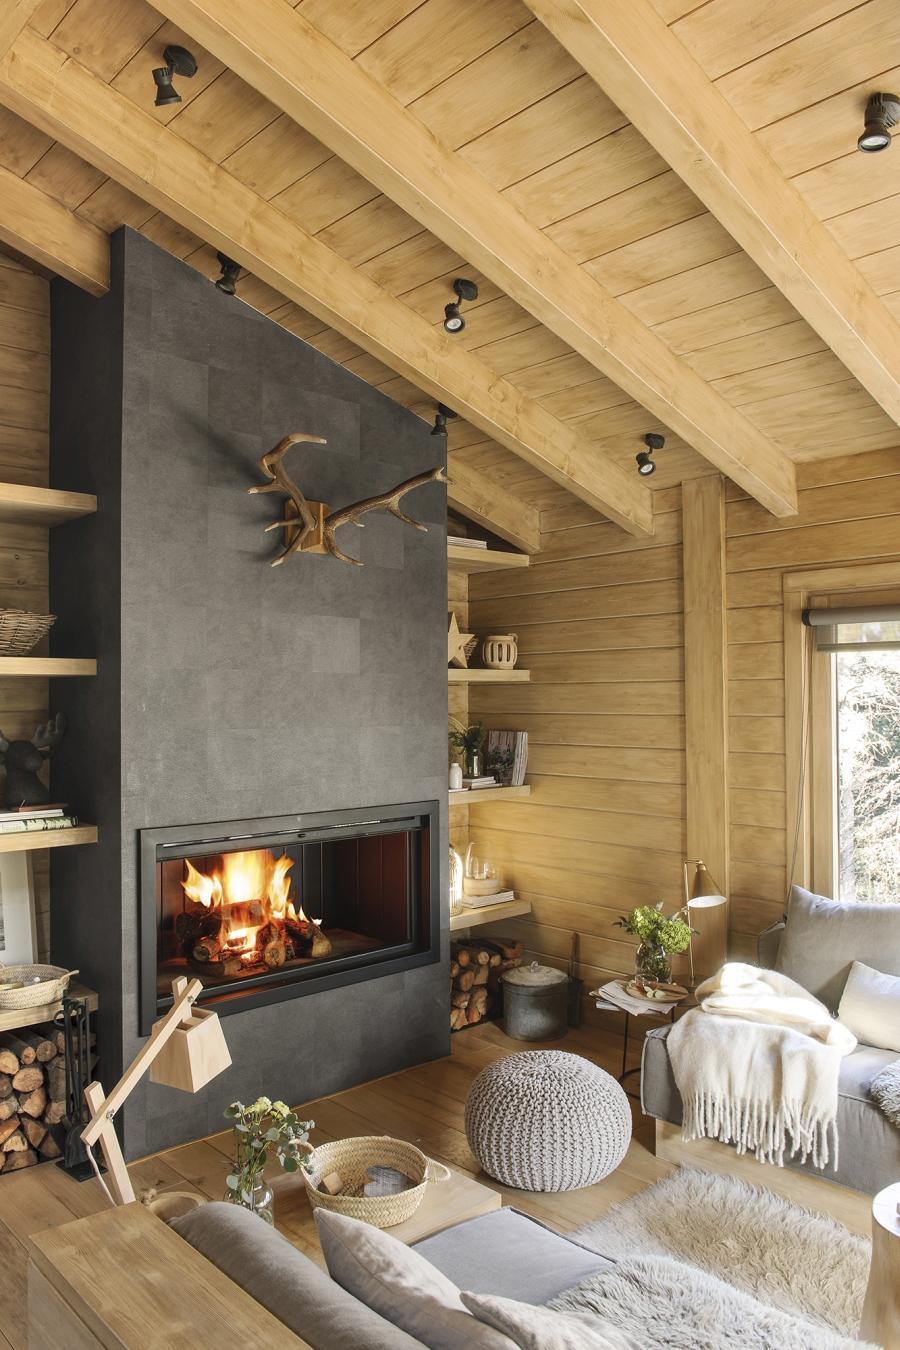 Drewniany domek w środku lasu - wystrój wnętrz, wnętrza, urządzanie mieszkania, dom, home decor, dekoracje, aranżacje, drewniany dom, drewno, eco, ekolodiczny, naturalny, cozy home, styl skandynawski, scandinavian style, otwarta przestrzeń, salon, living room, kuchnia, kitchen, jadalnia, wyspa kuchenna, kominek